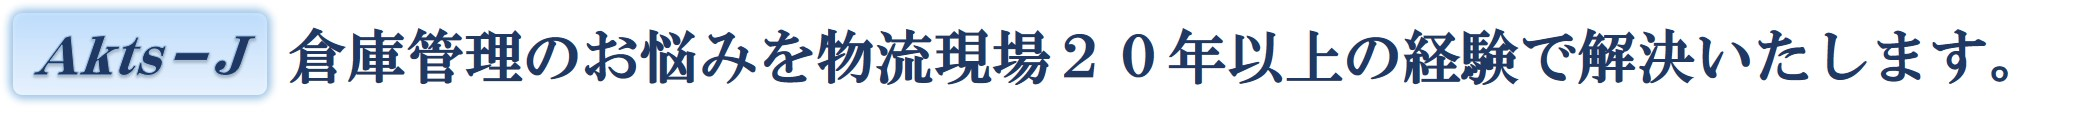 20年以上の倉庫管理業務の目線で倉庫管理を改善!!|アクティーズ ジャパンティーズ ジャパン